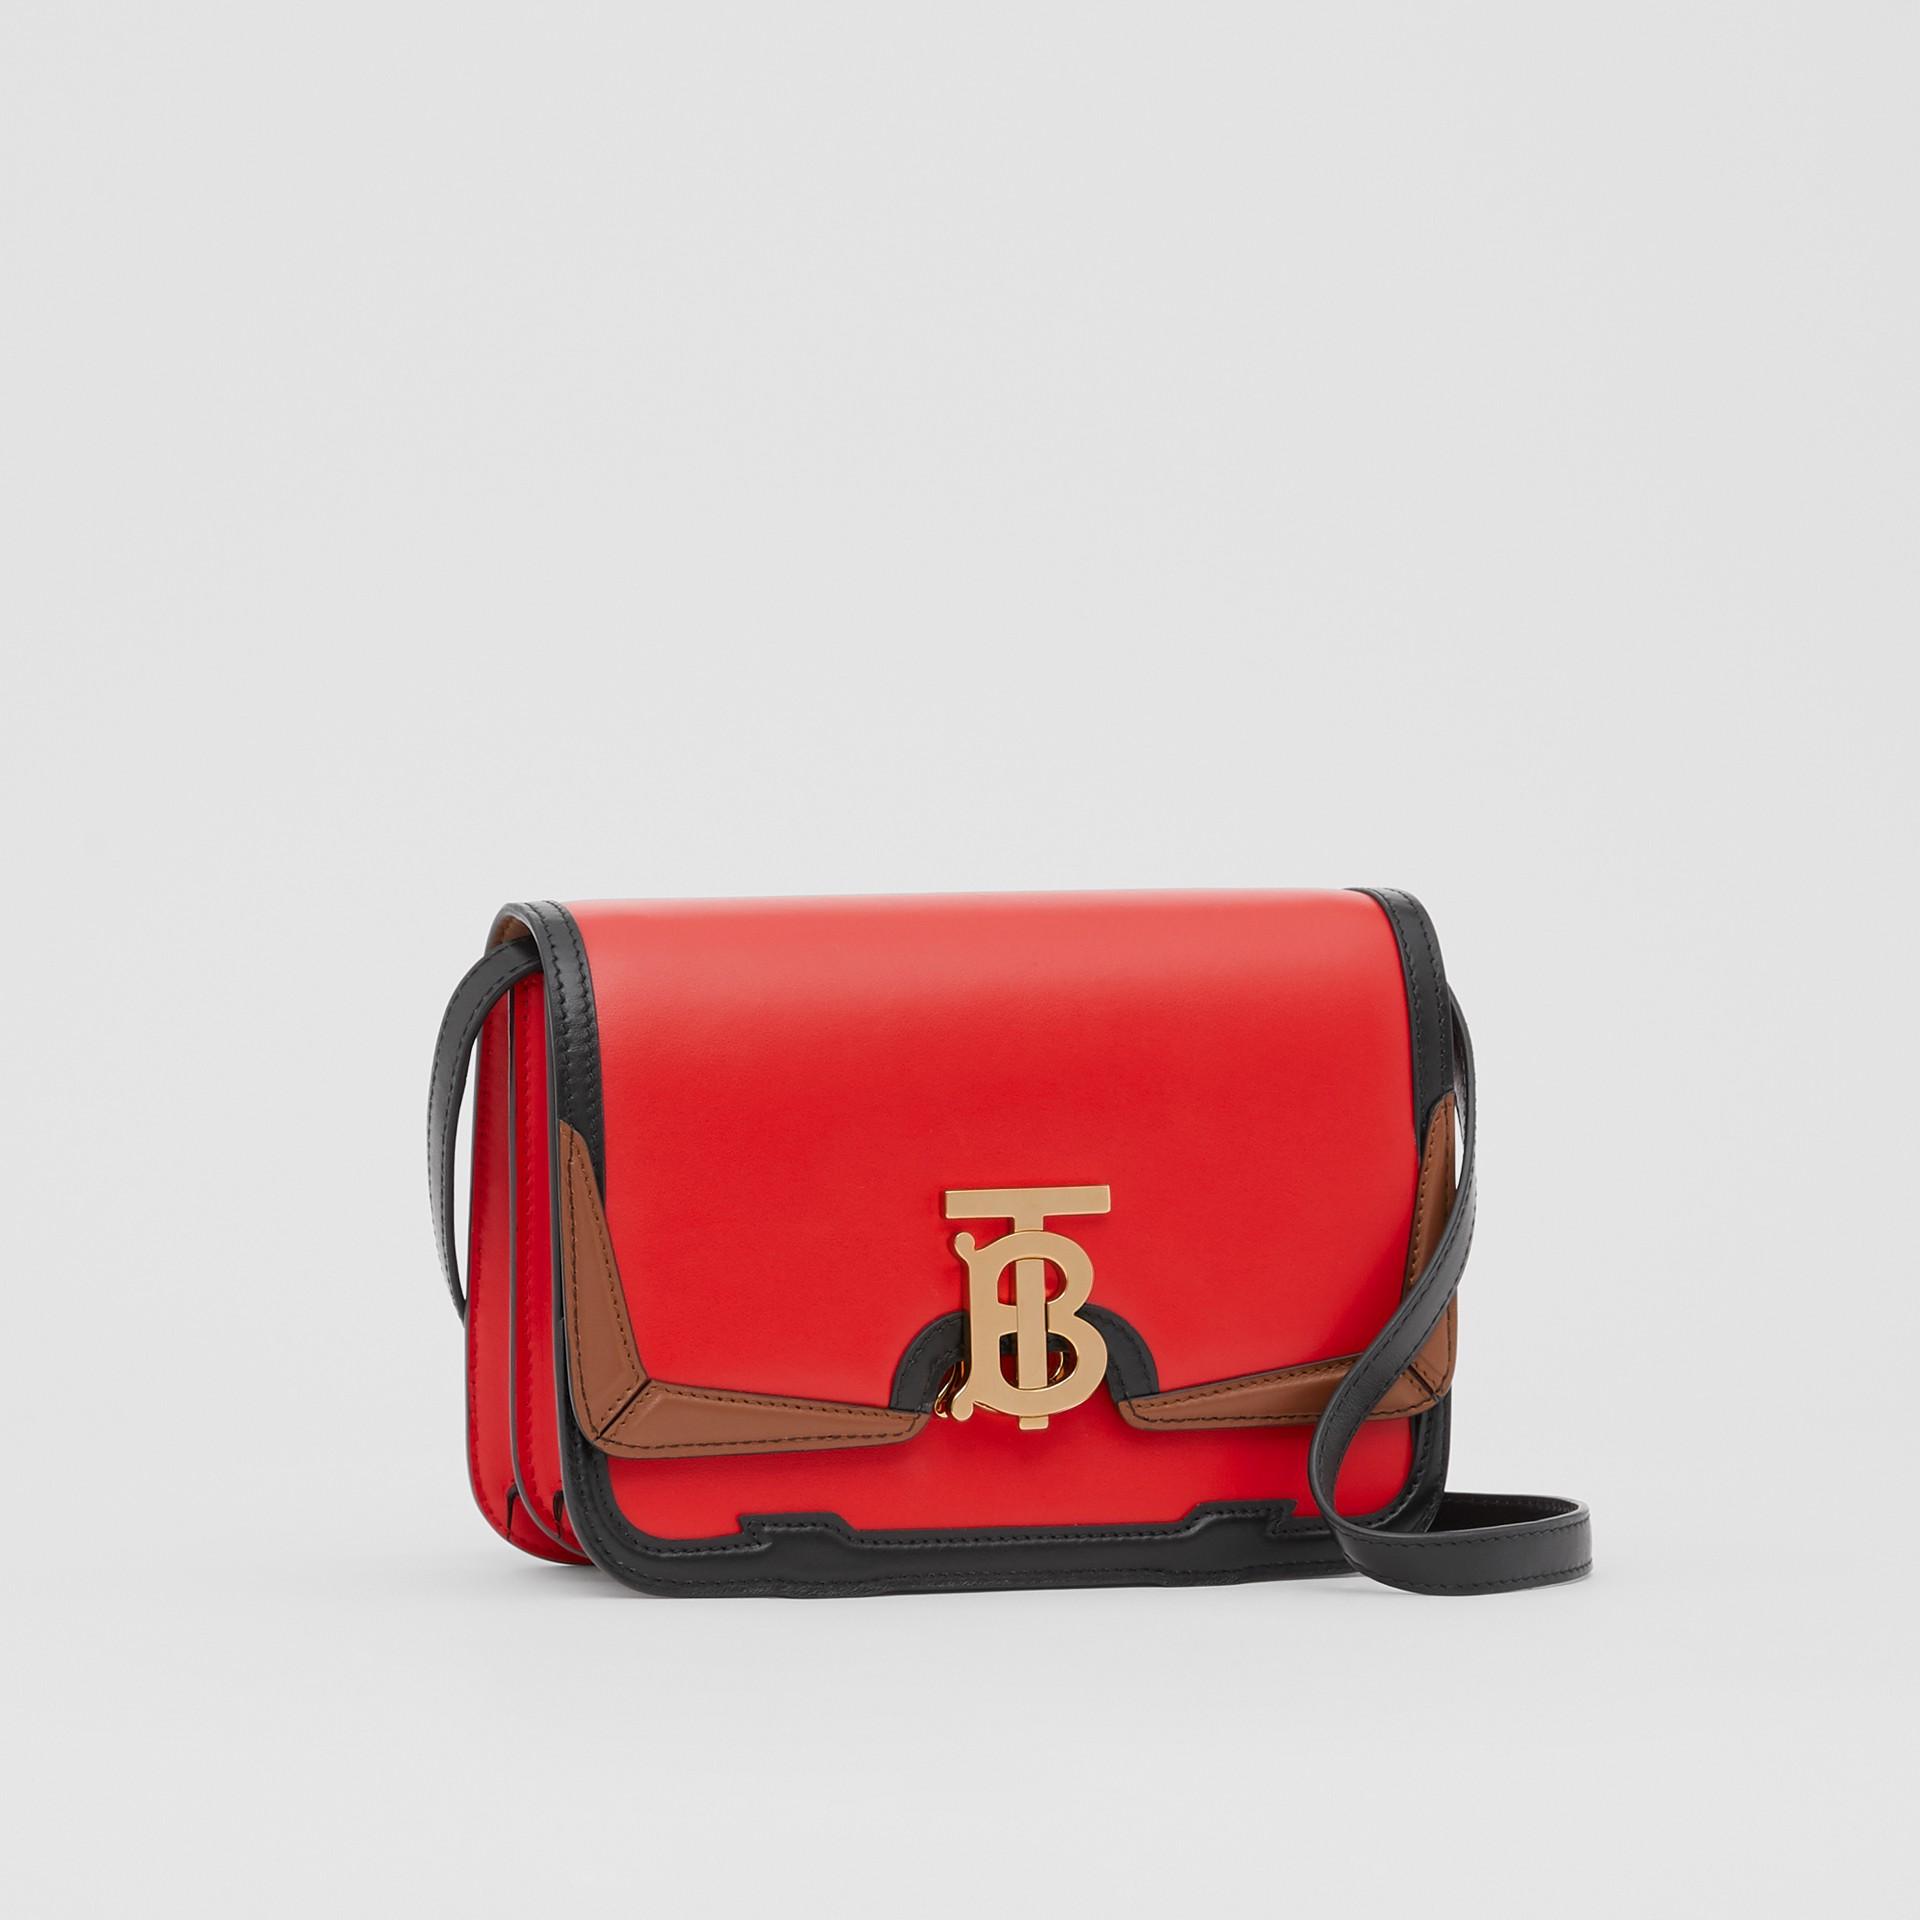 Petit sacTB en cuir avec appliqué (Rouge Vif) - Femme | Burberry - photo de la galerie 6